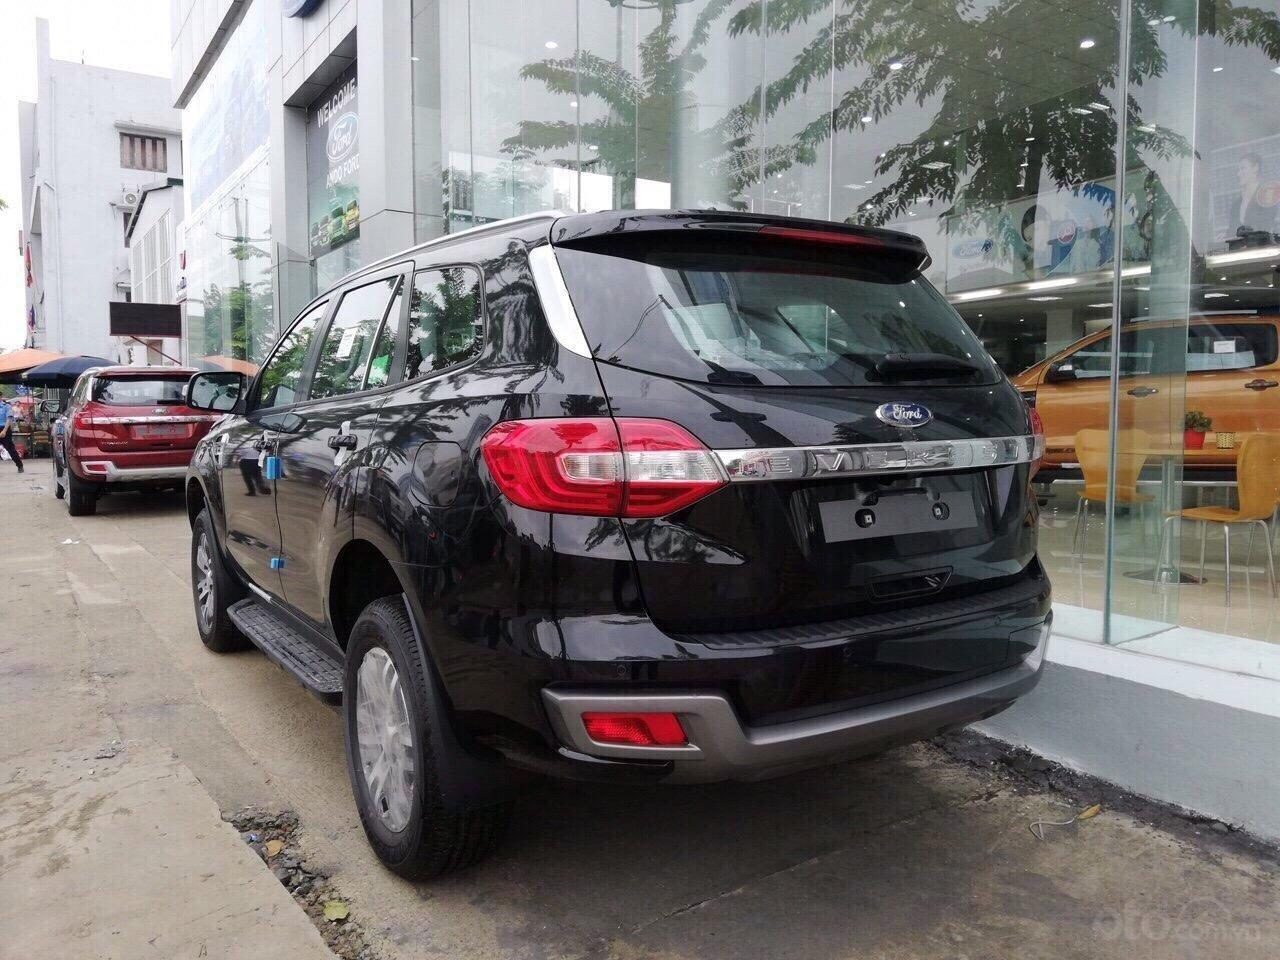 Ford Everest 2.0 nhập nguyên chiếc, đủ các bản giao xe ngay tháng 1 năm 2019, giá chỉ từ 999tr. LH 0974286009-4